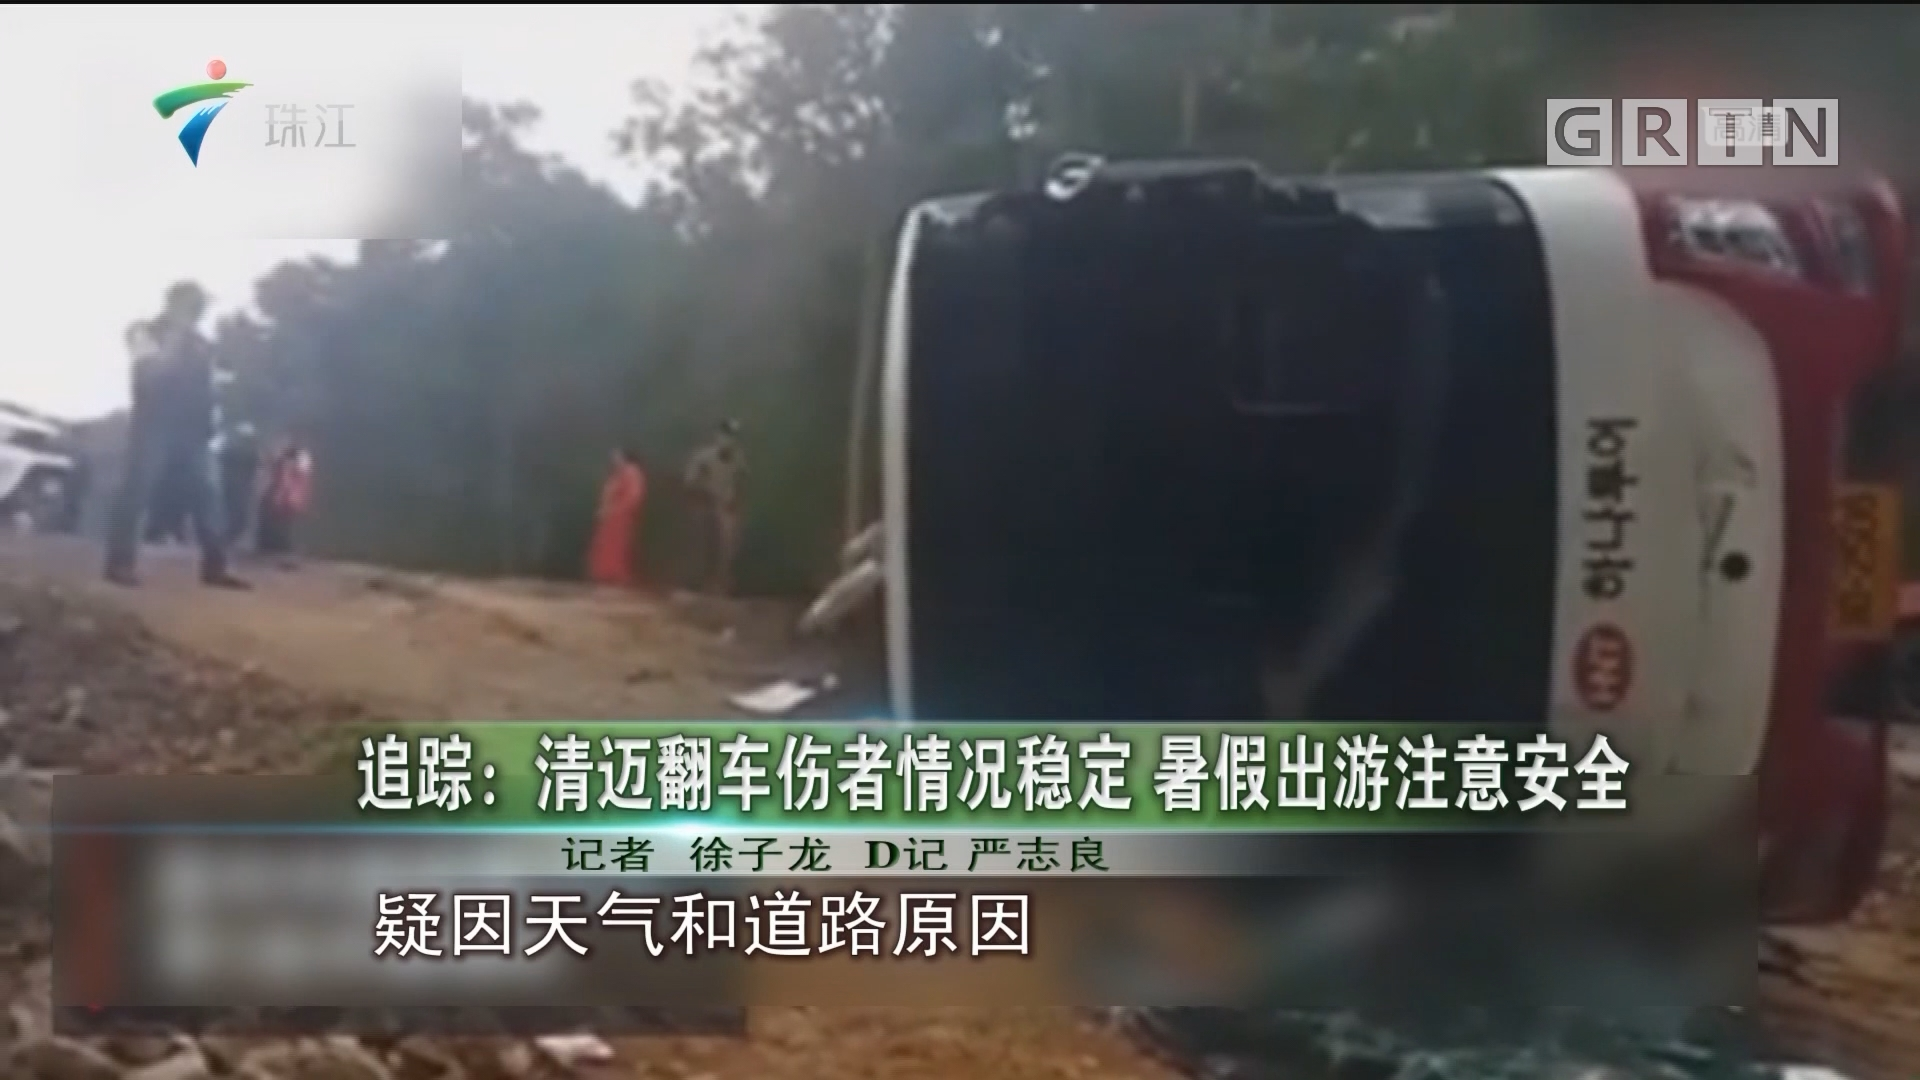 追踪:清迈翻车伤者情况稳定 暑假出游注意安全